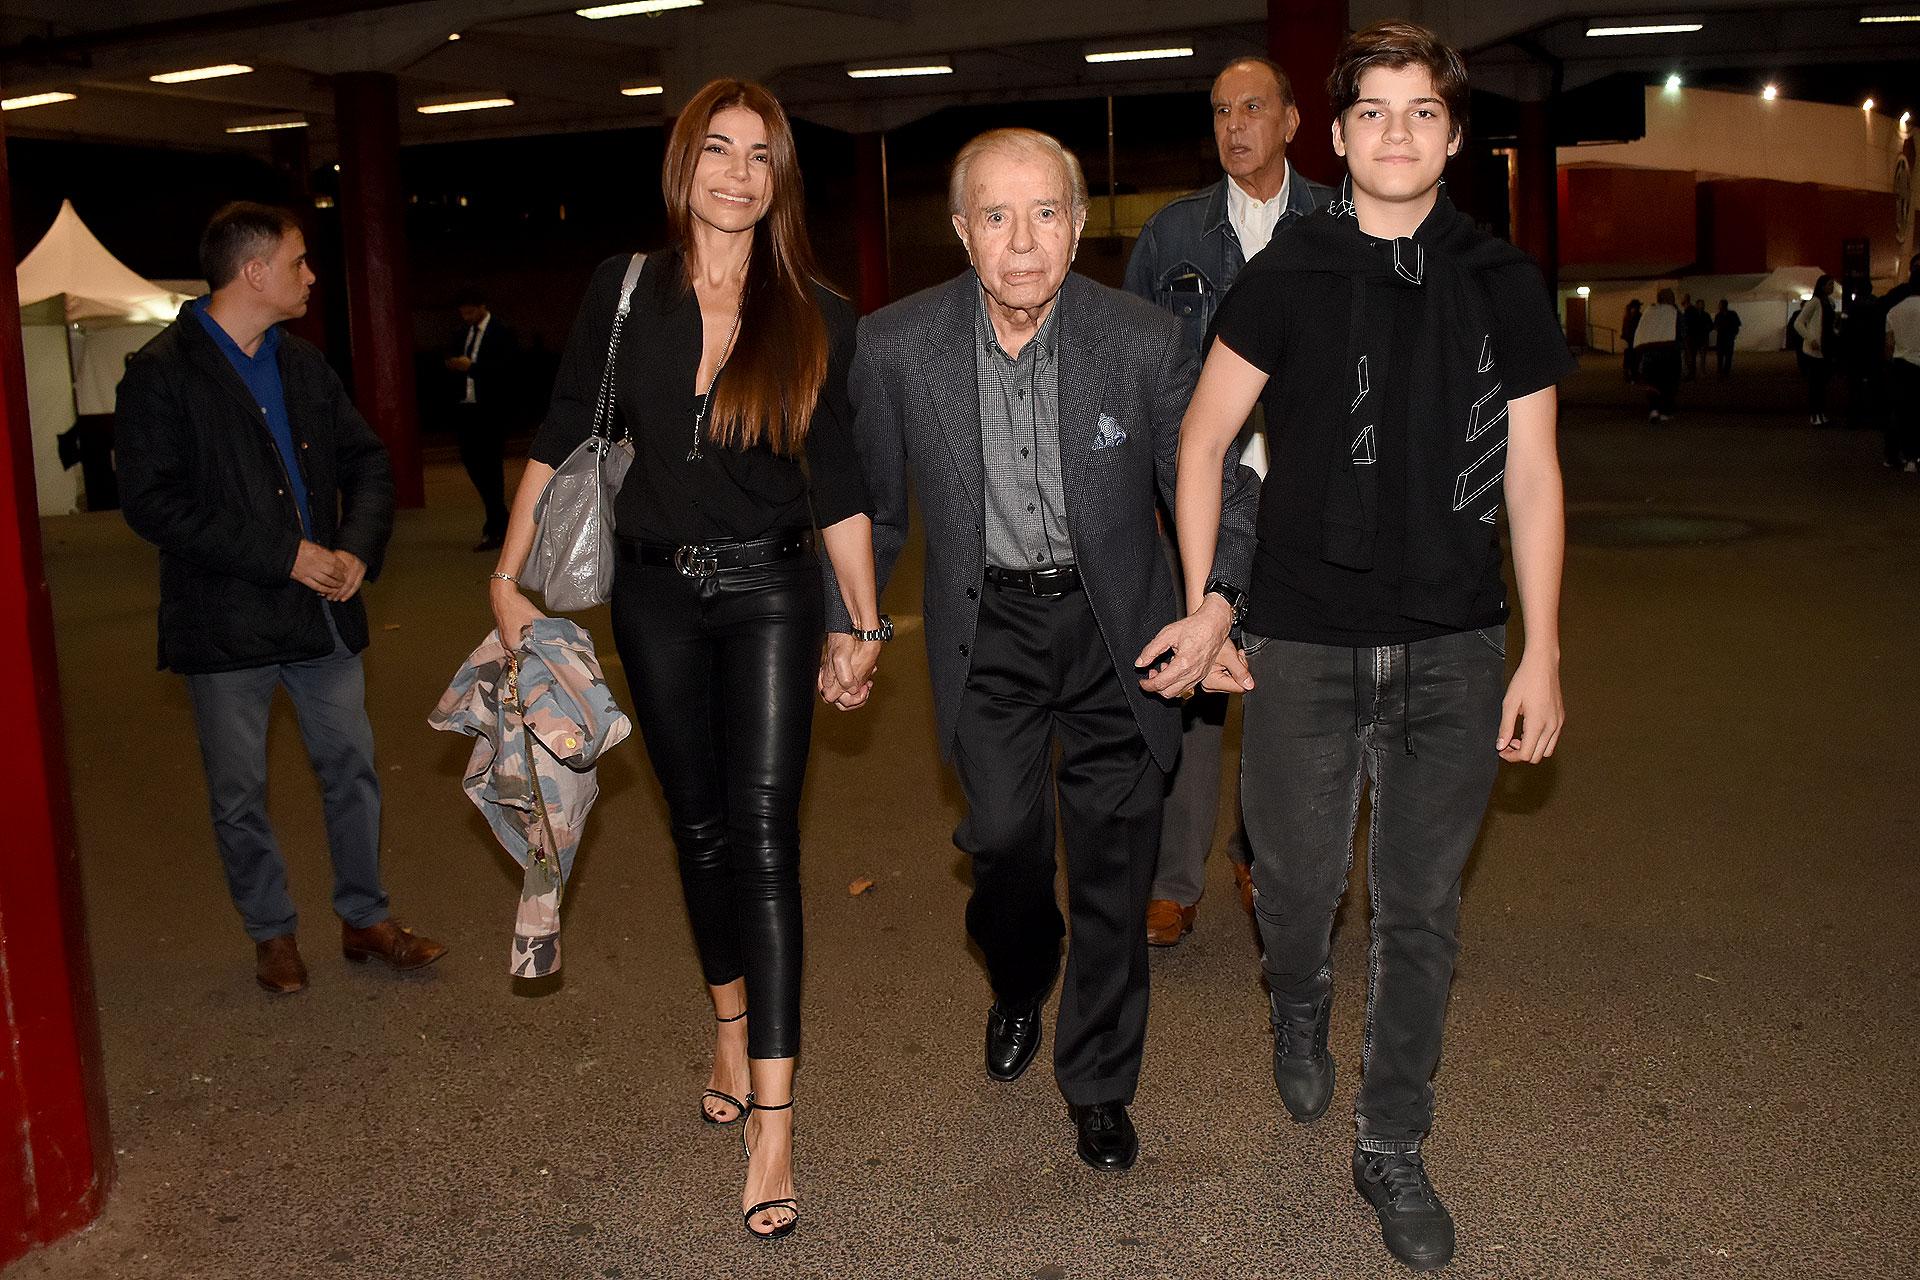 El ex presidente Carlos Menem, junto a su hija Zulemita y su nieto Luca, en la presentación del film